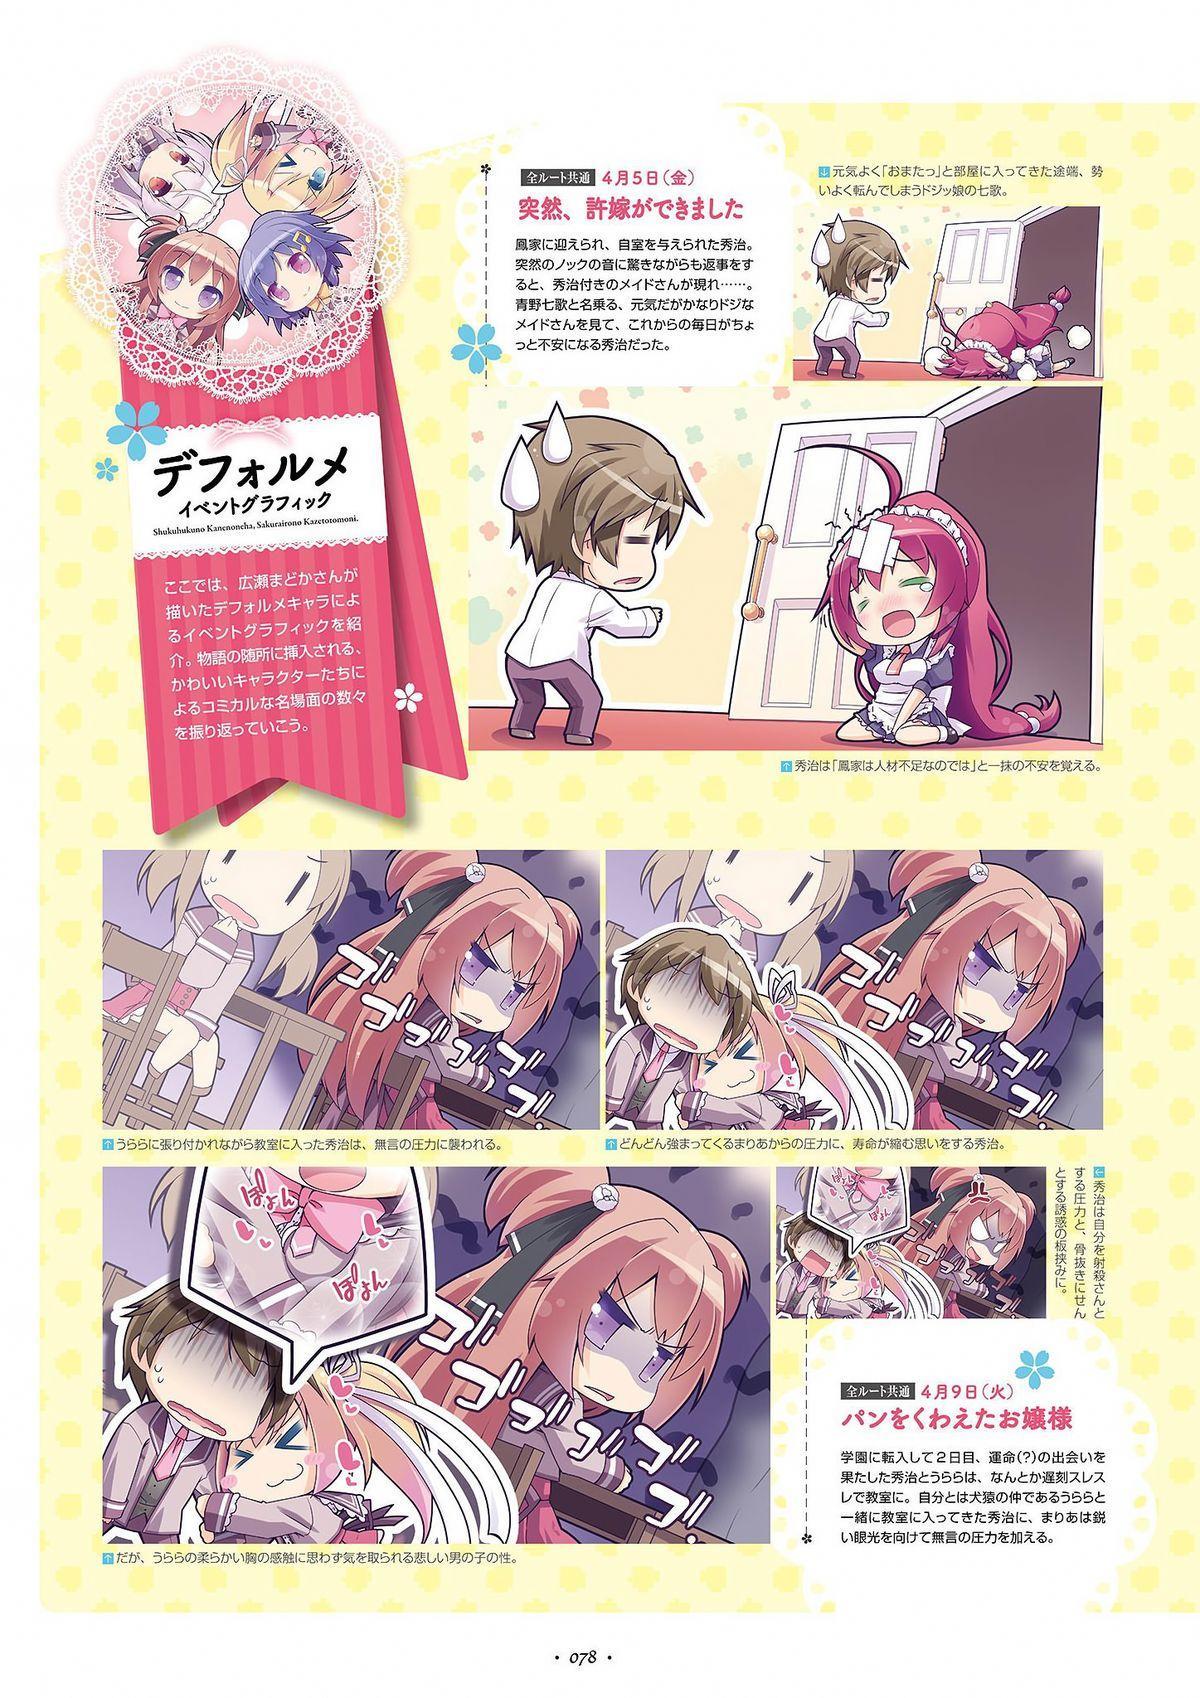 Shukufuku no Kane no Oto wa, Sakura-iro no Kaze to Tomo ni Visual Fanbook 72